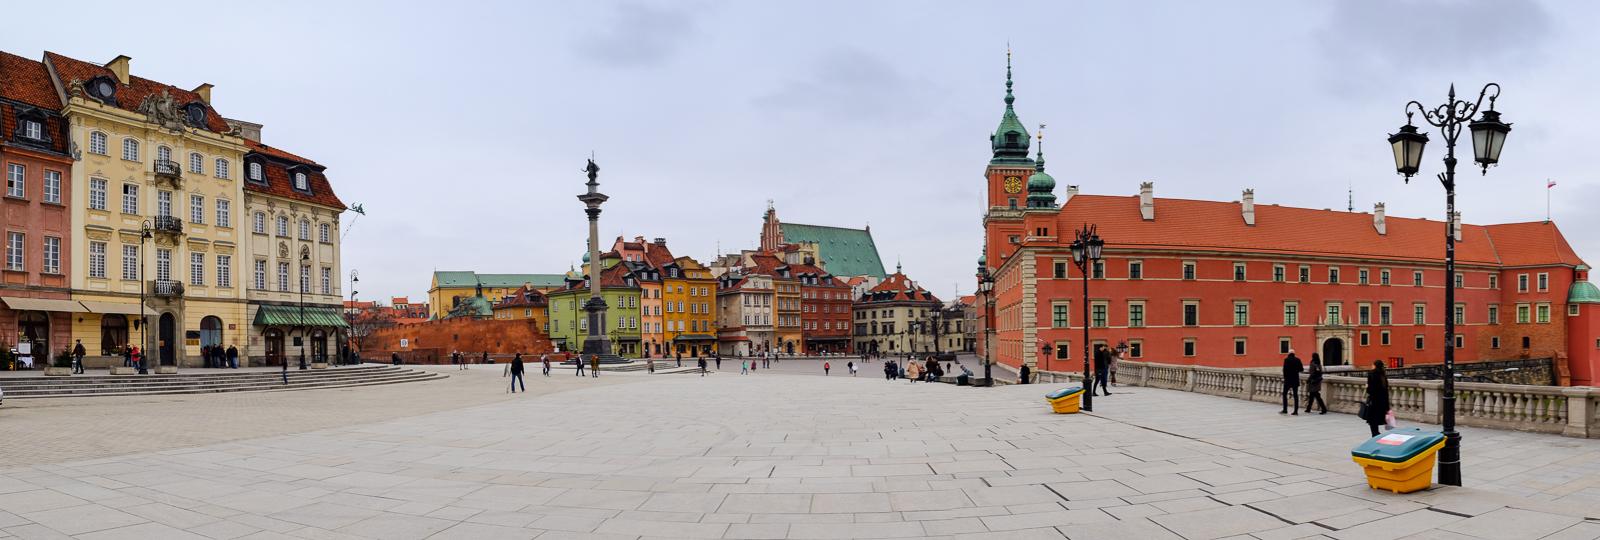 Dag01-Polen-034-DSCF1769